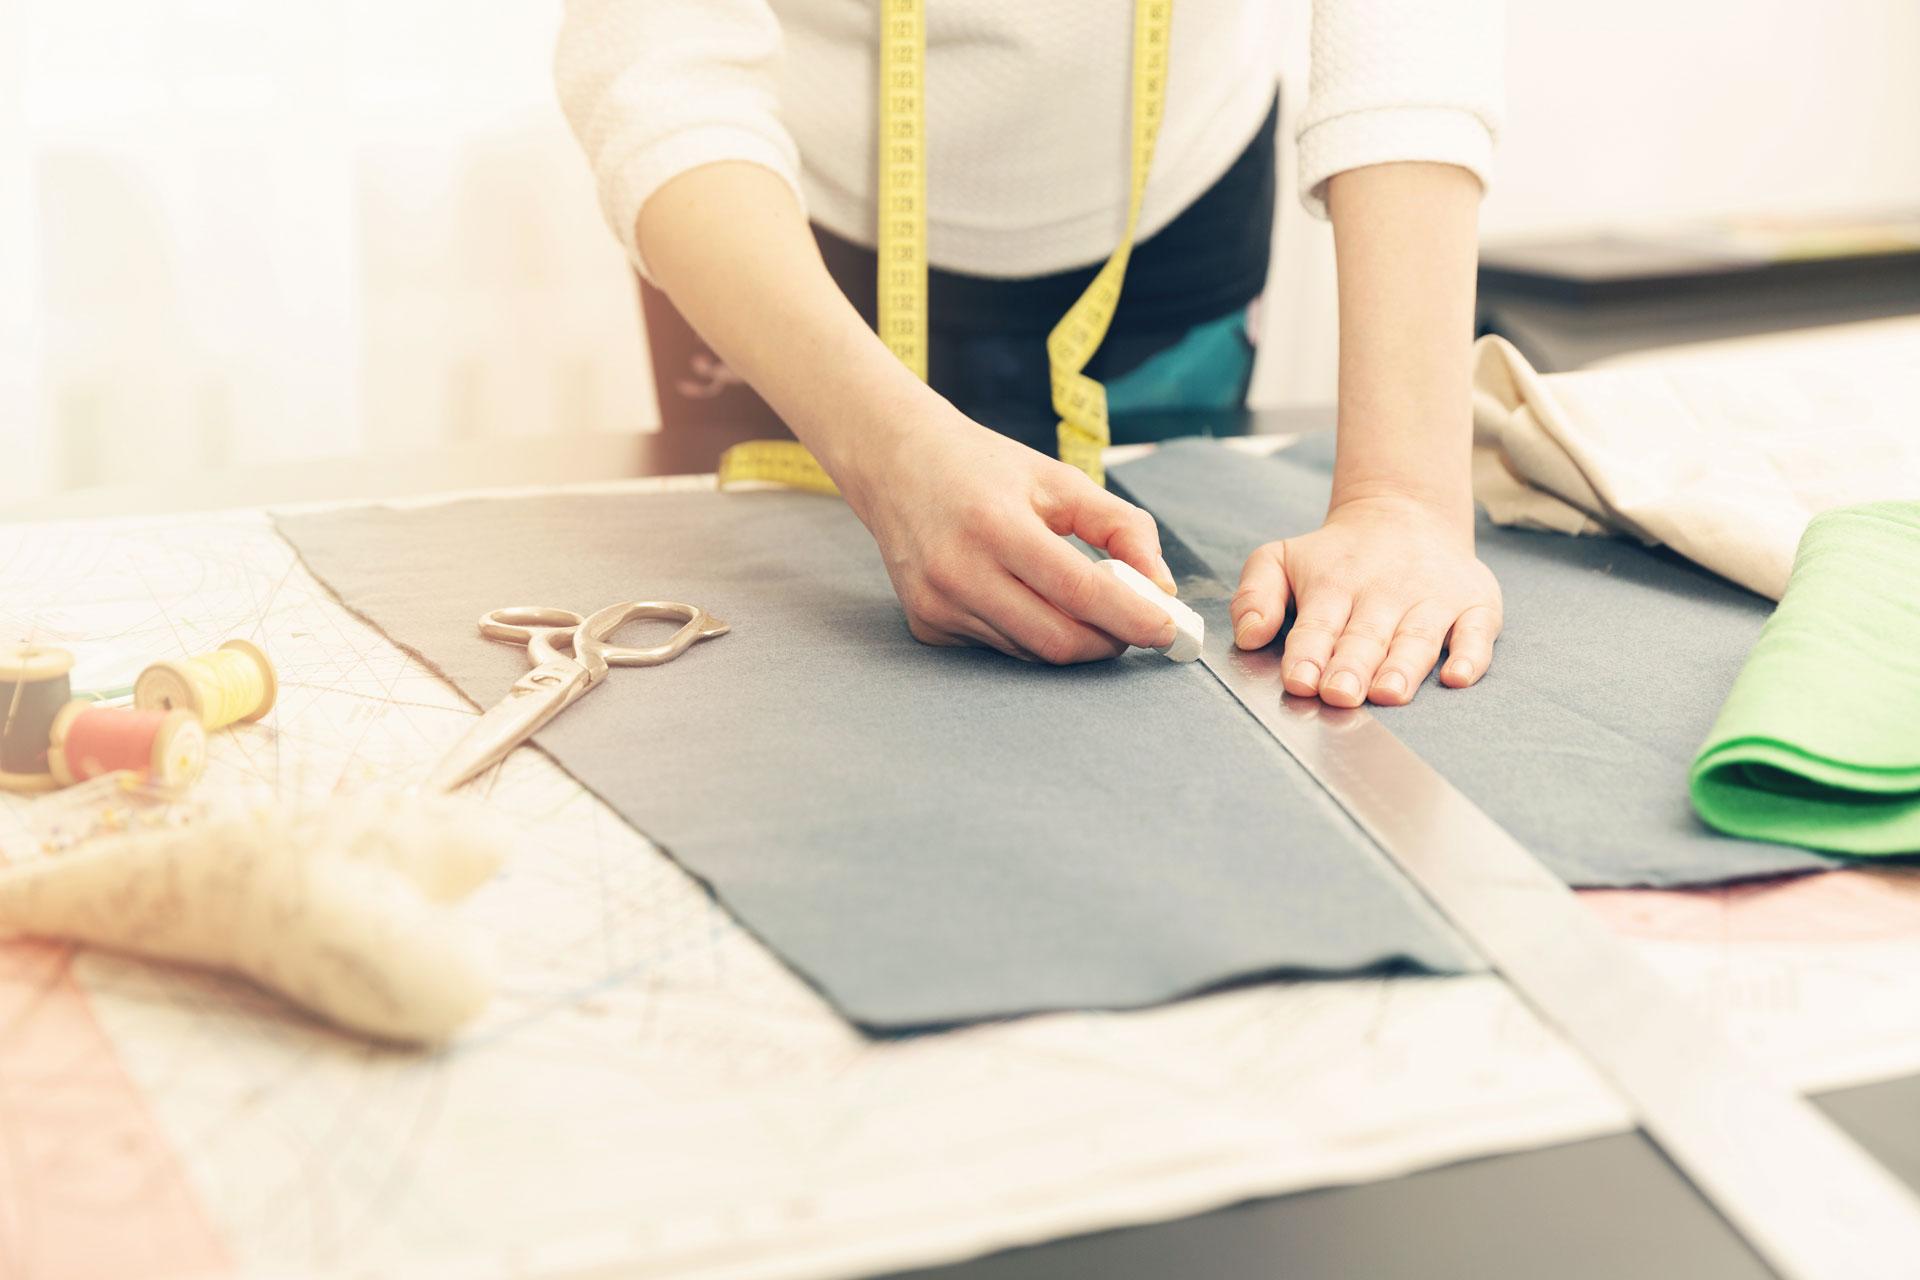 confezioni-futura-manerbio-produzione-abbigliamento-moda-donna-conto-terzi-taglio-cucito-modelleria